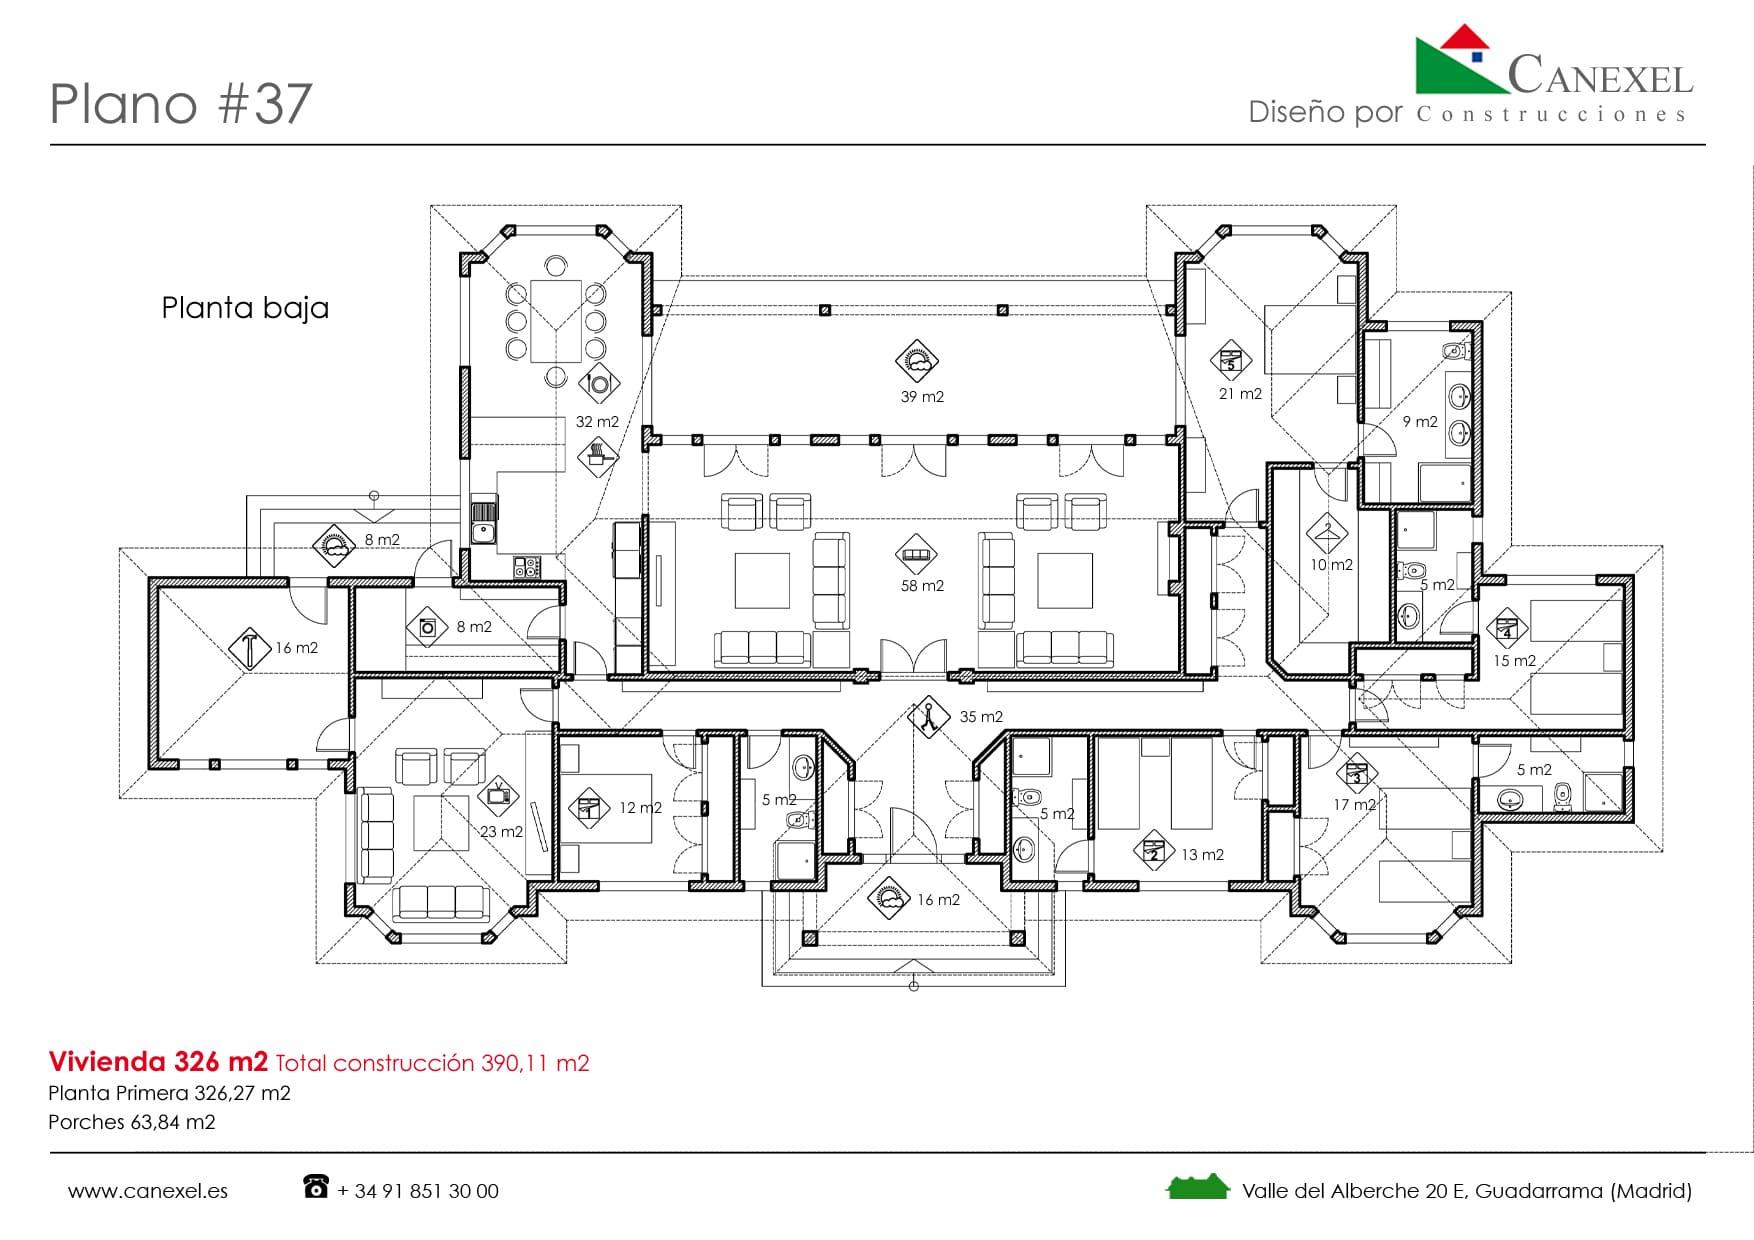 Planos de casas de una planta canexel for Distribucion piso 90 metros